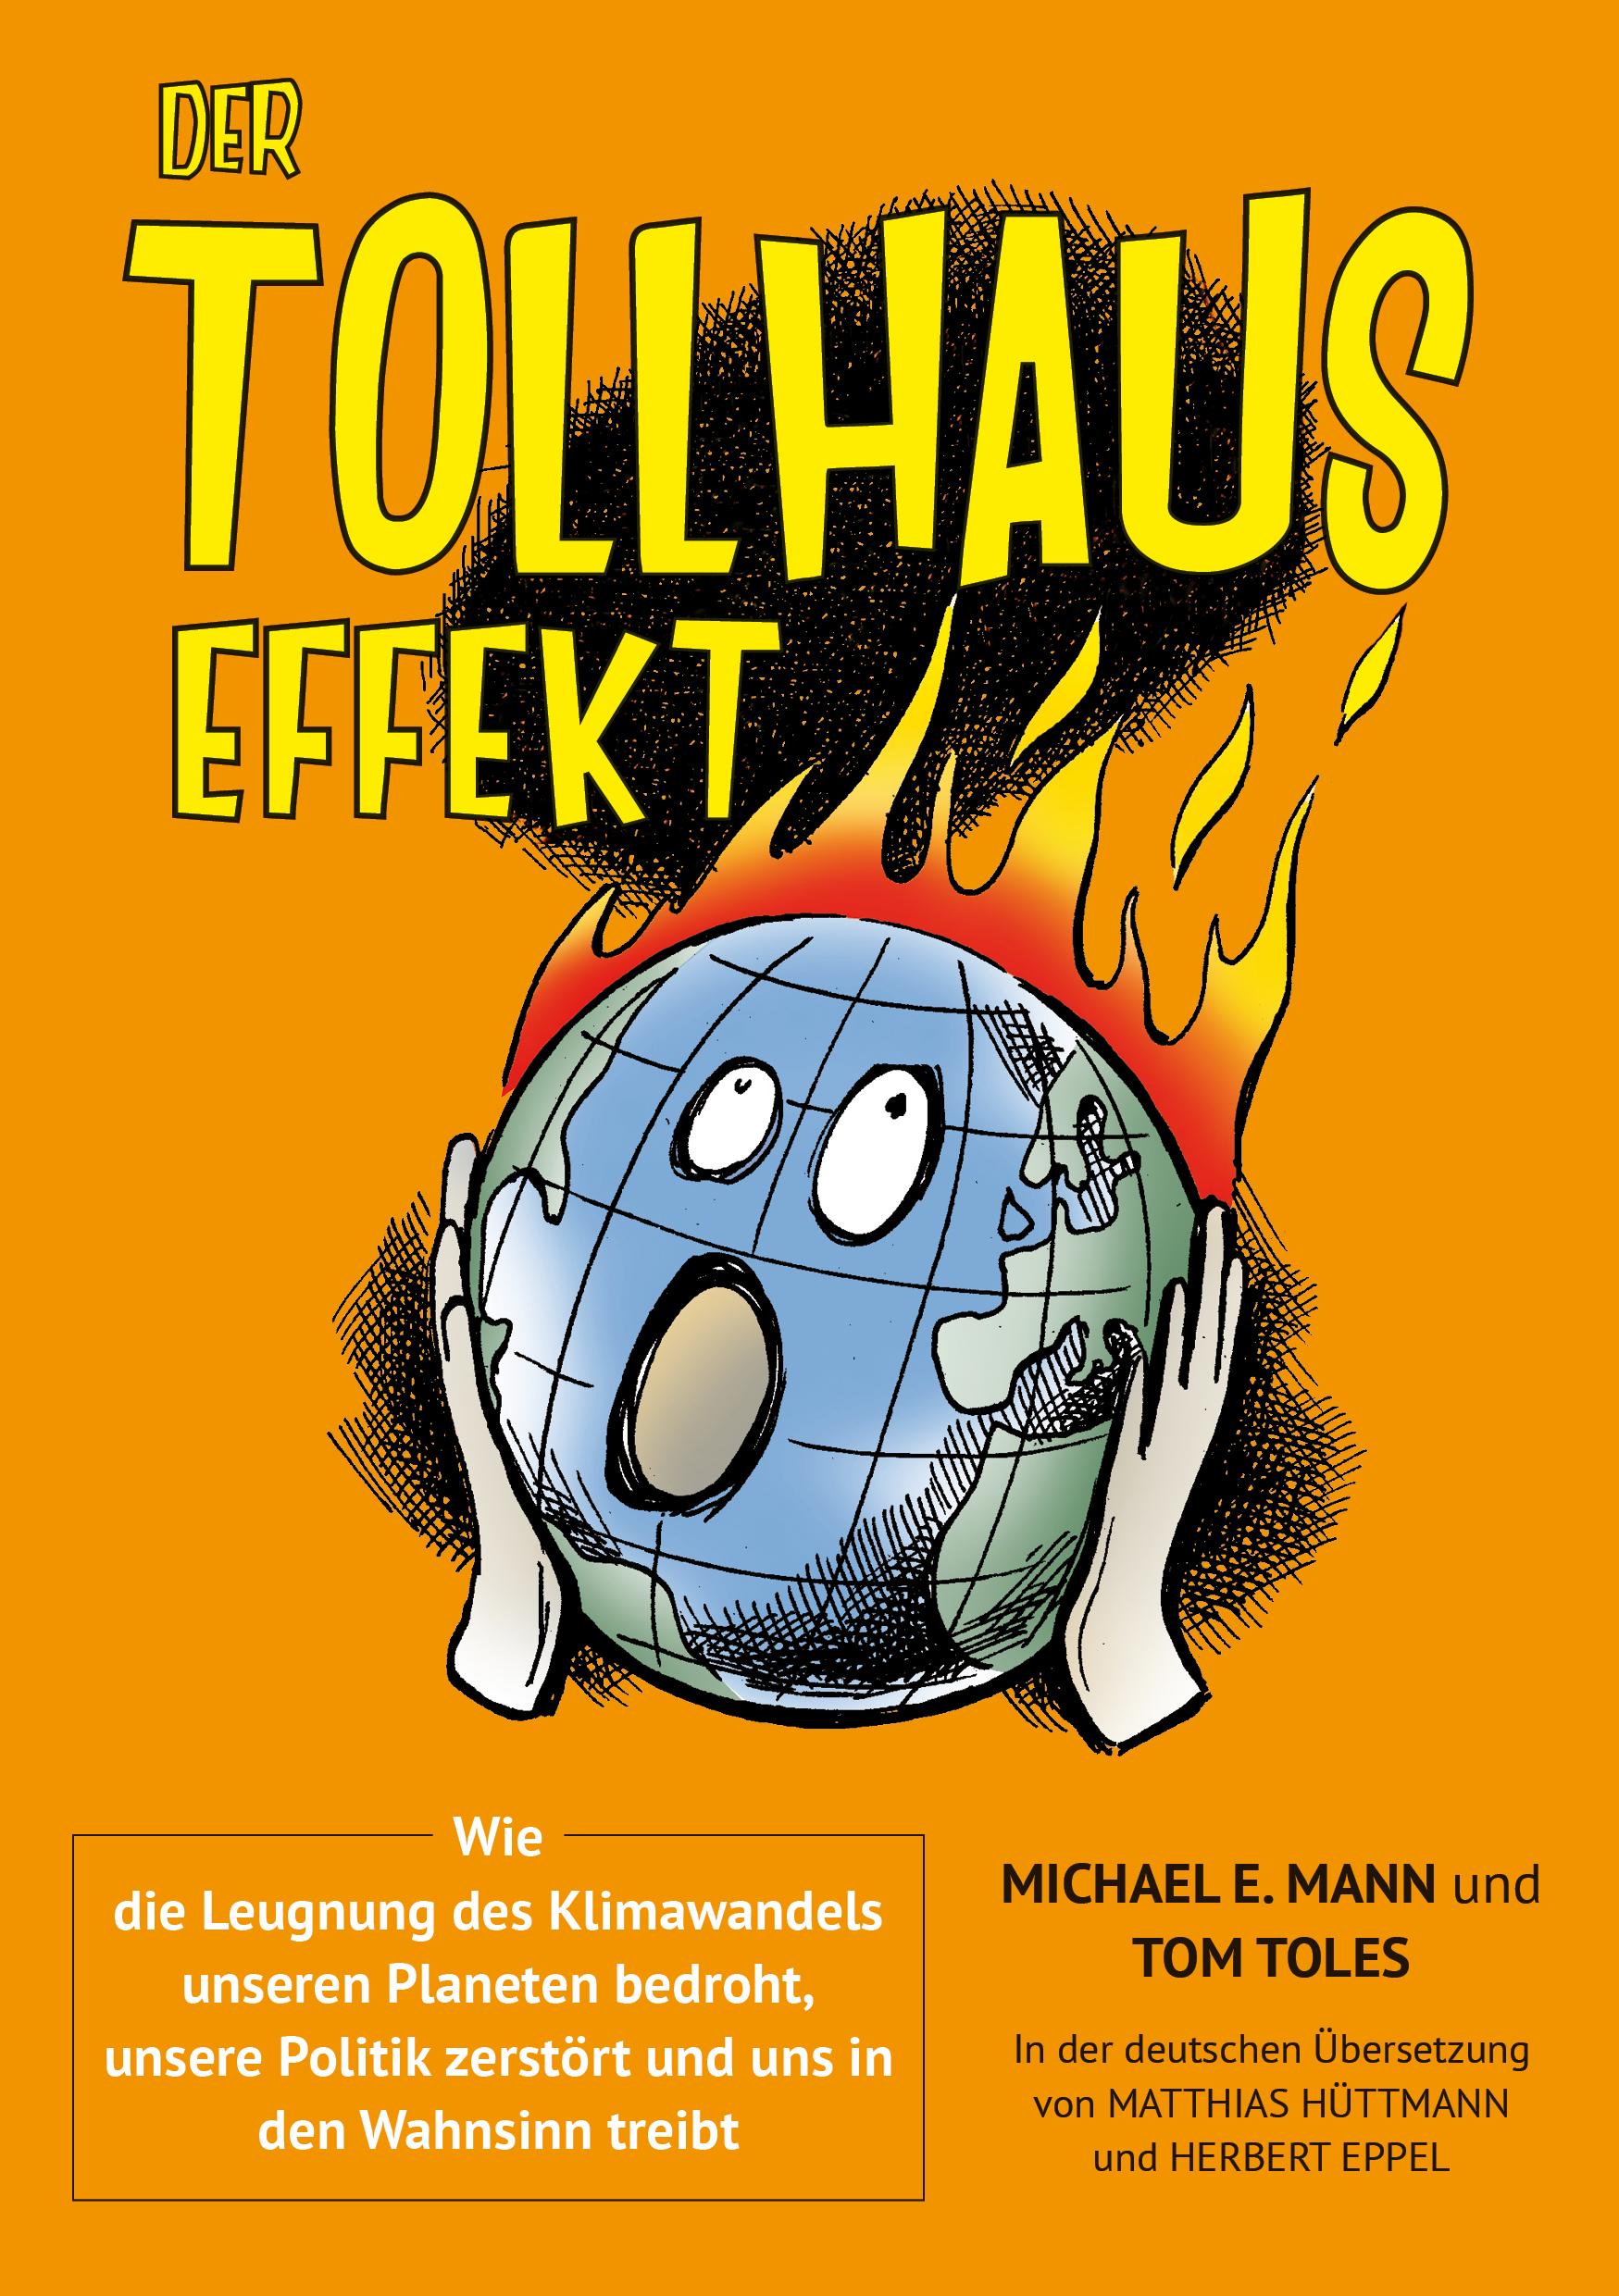 https://www.dgs-franken.de/fileadmin/DGS-Franken/Bilder/cover-Tollhauseffekt.png